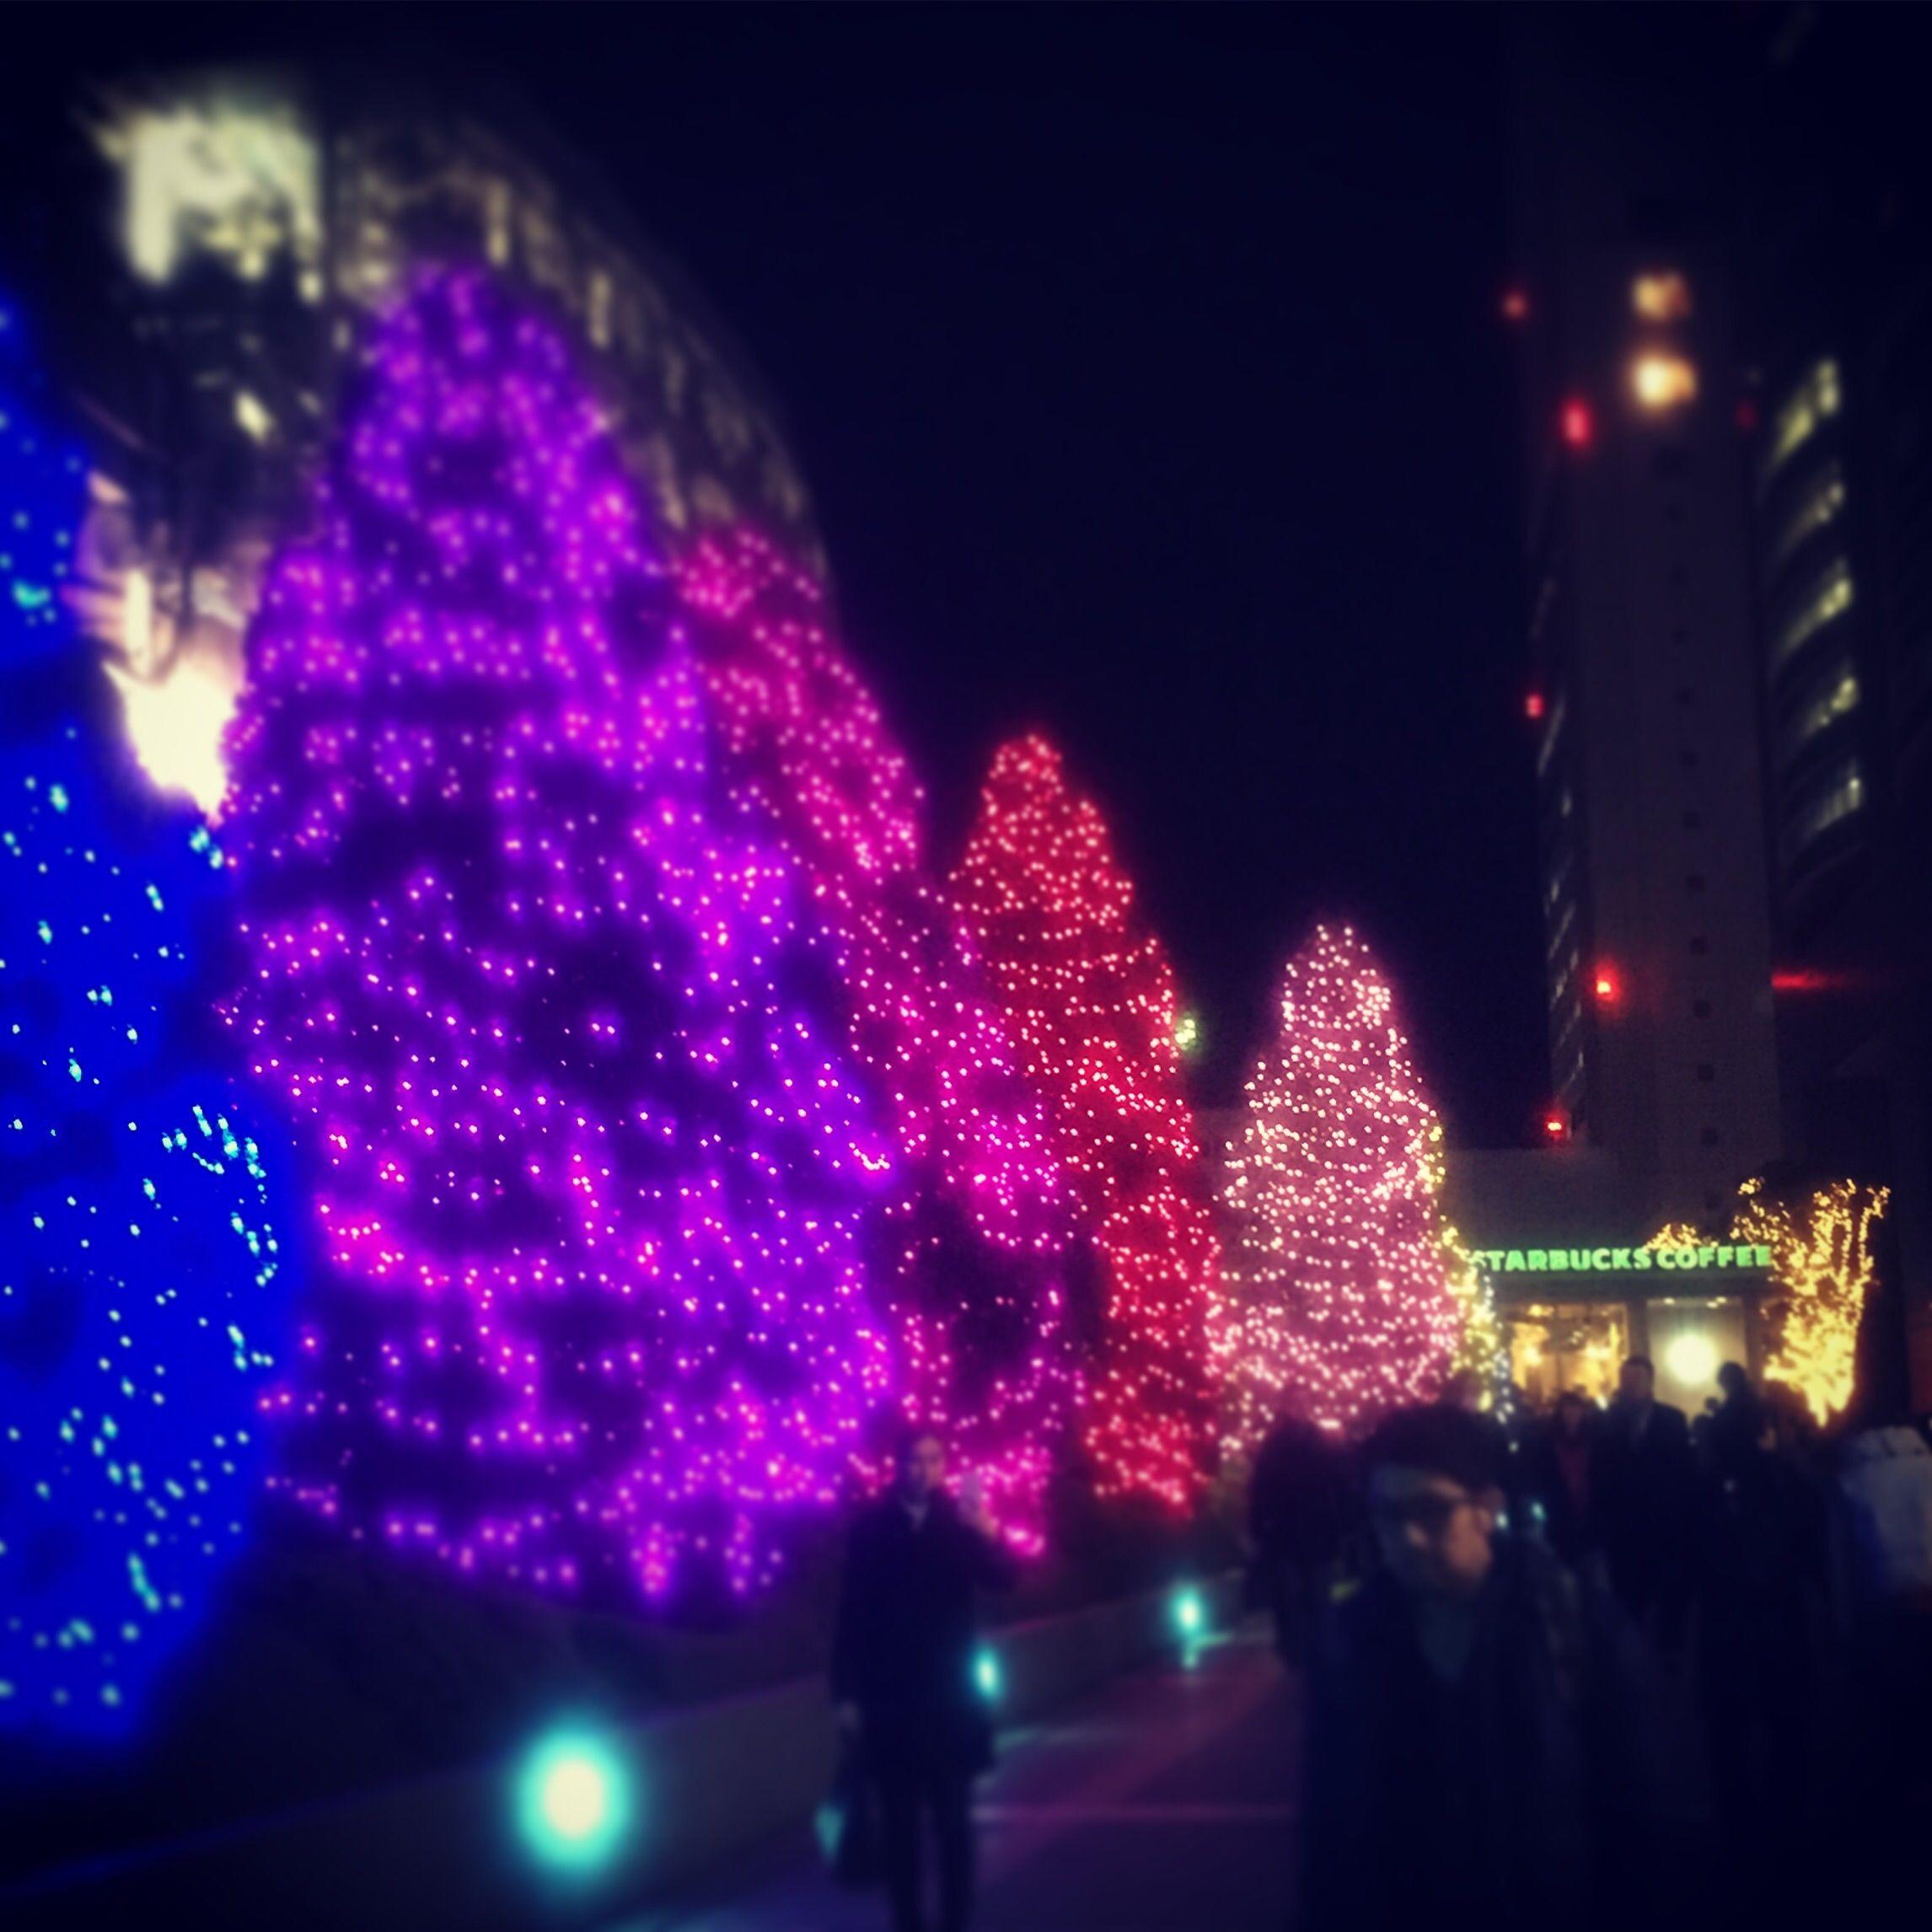 At Shinjuku